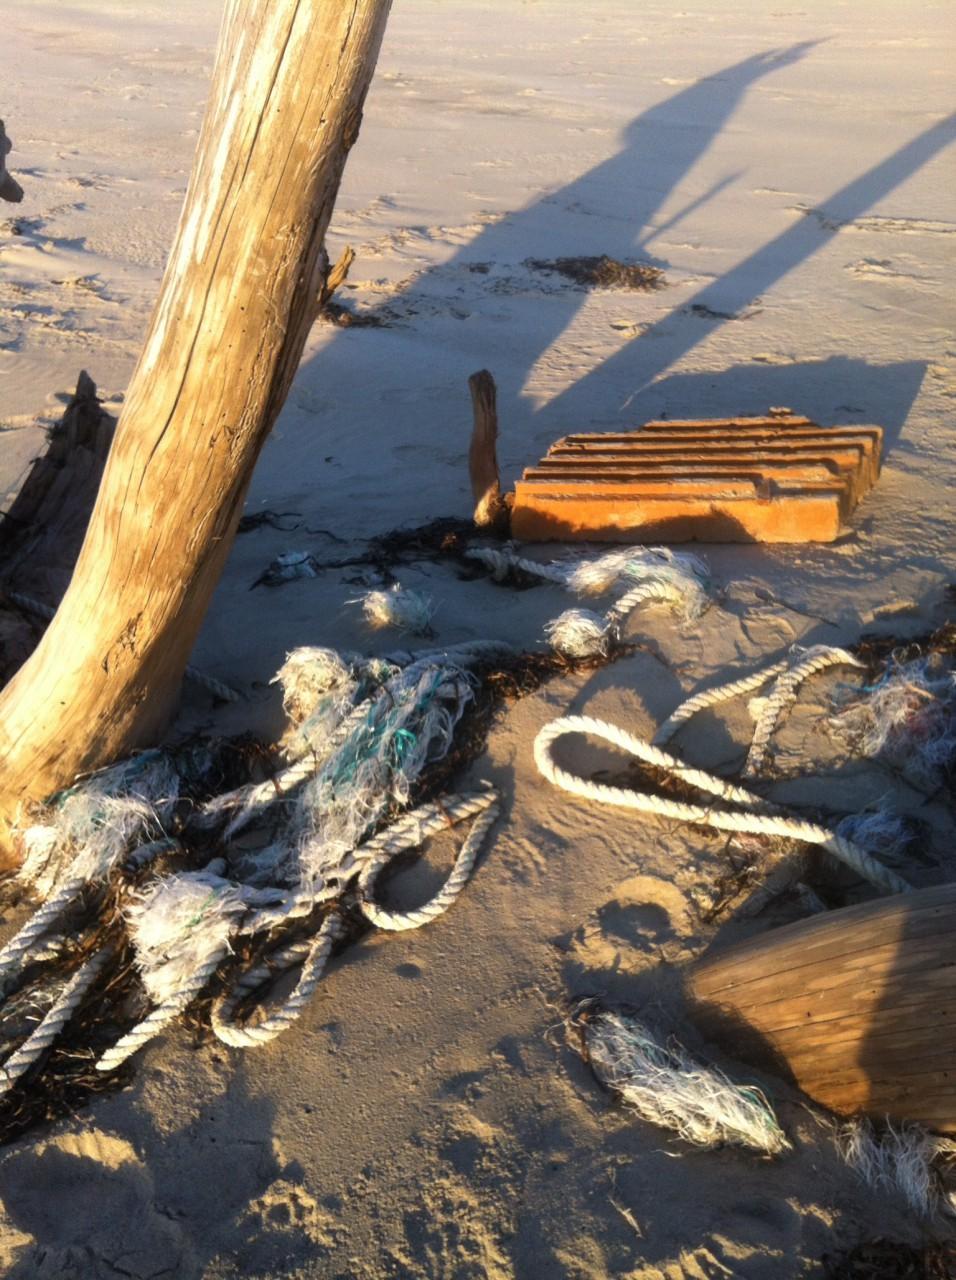 Ropes, netting, plastic pallet